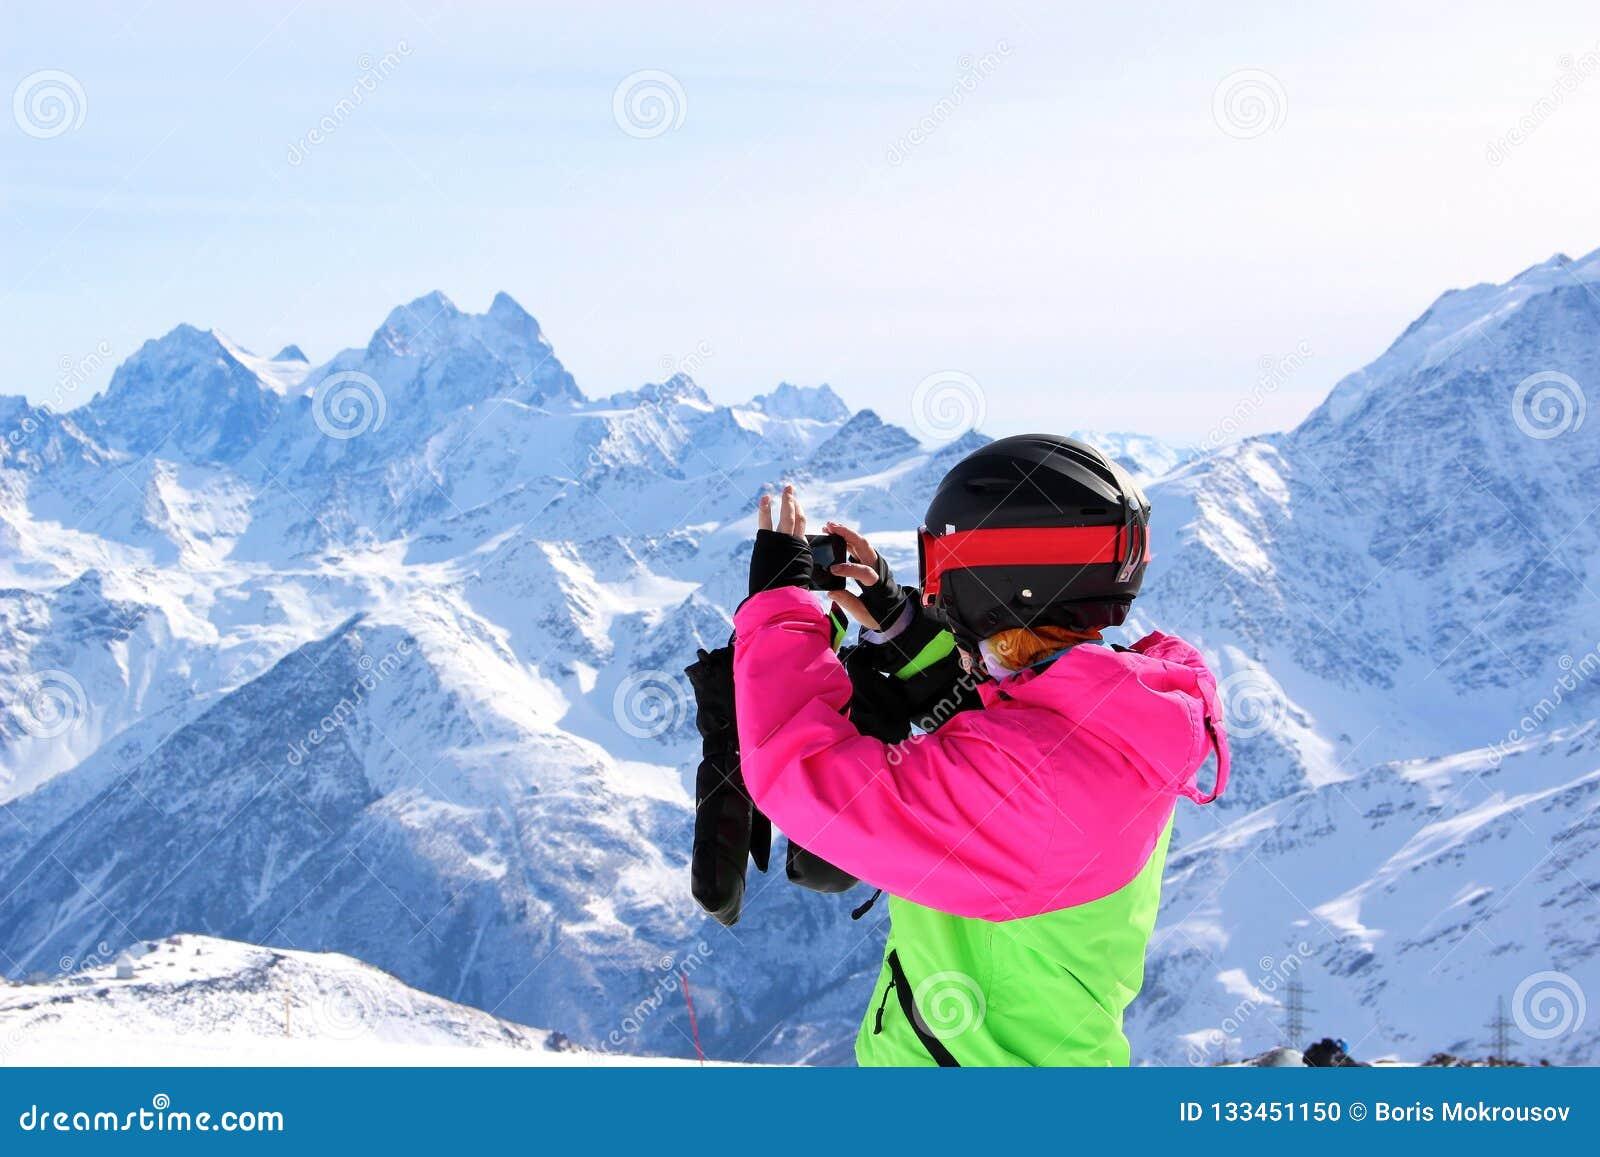 Dziewczyna w kolorowym kostiumu fotografującym na górze śnieżnej góry